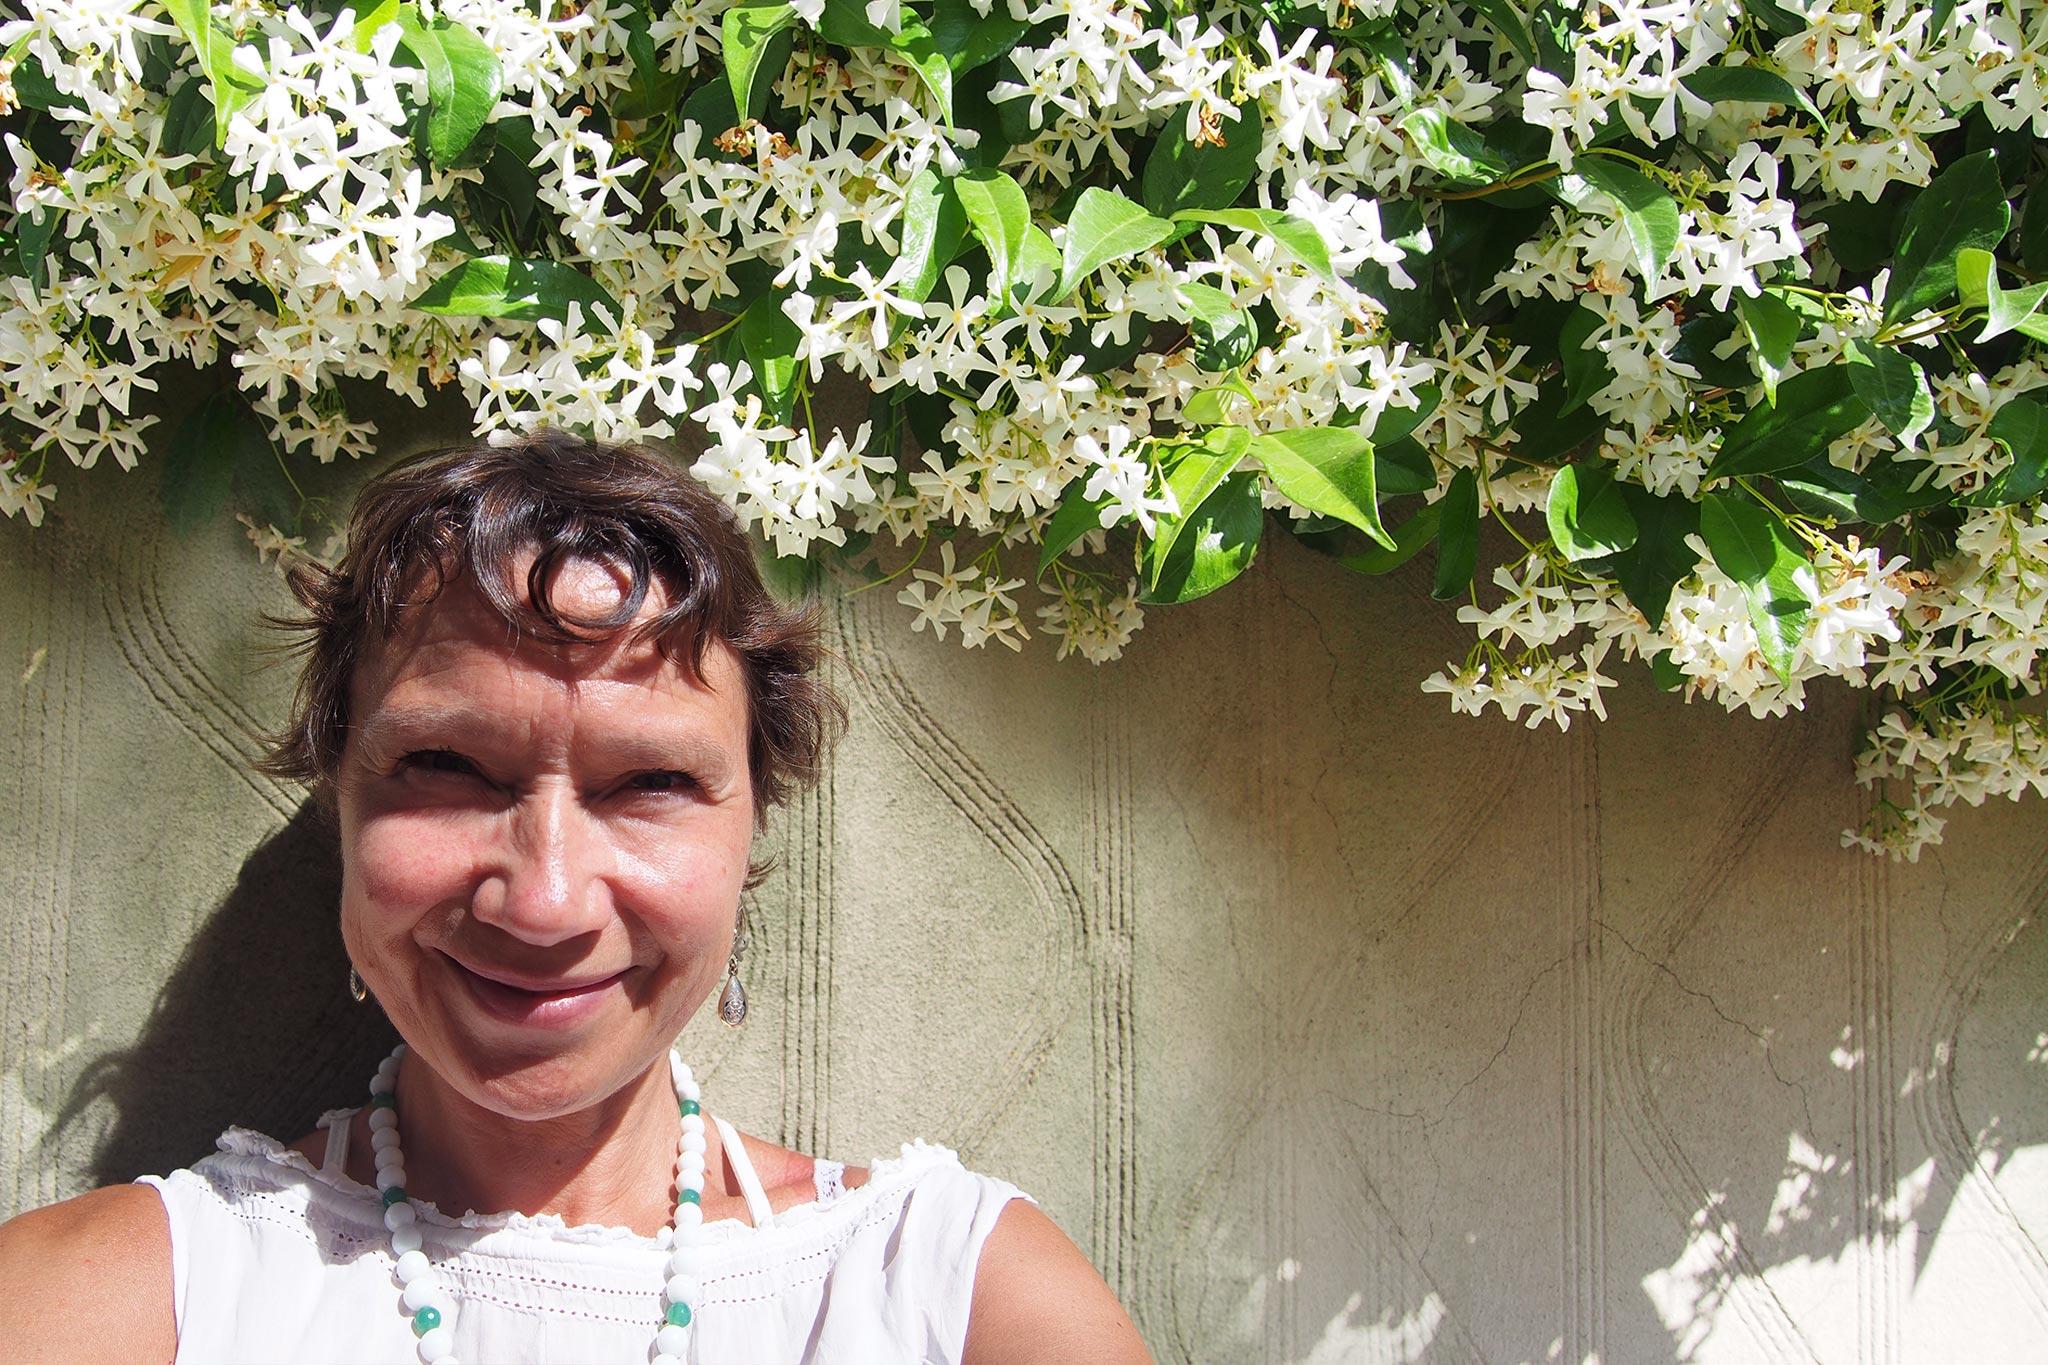 Jasmiinin tuoksua Firenzessä. Kuva: Susanna Muuronen